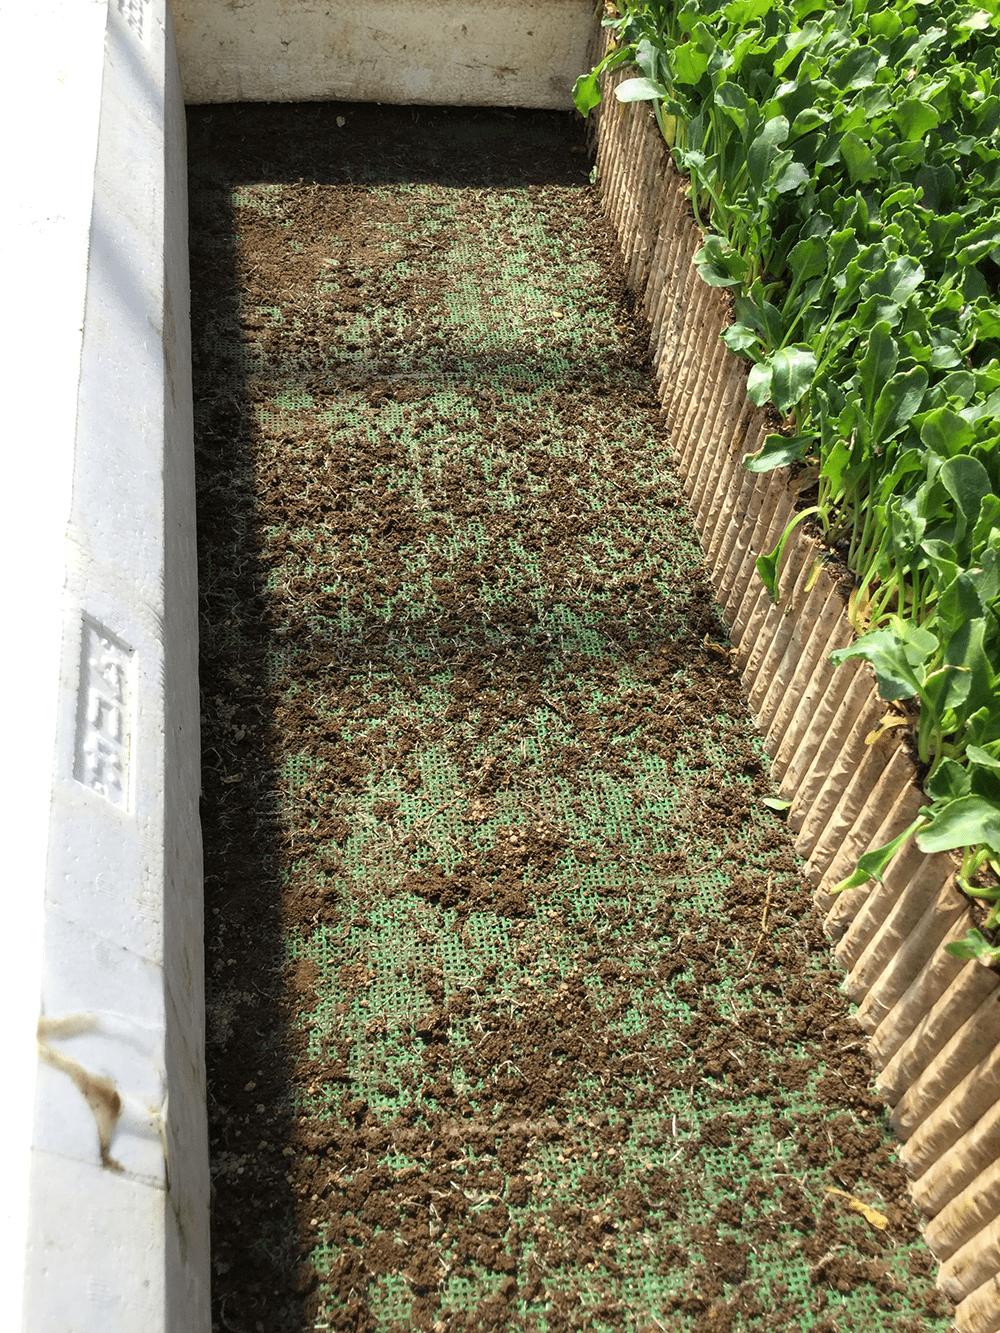 根きりマットに残っているビート苗の根